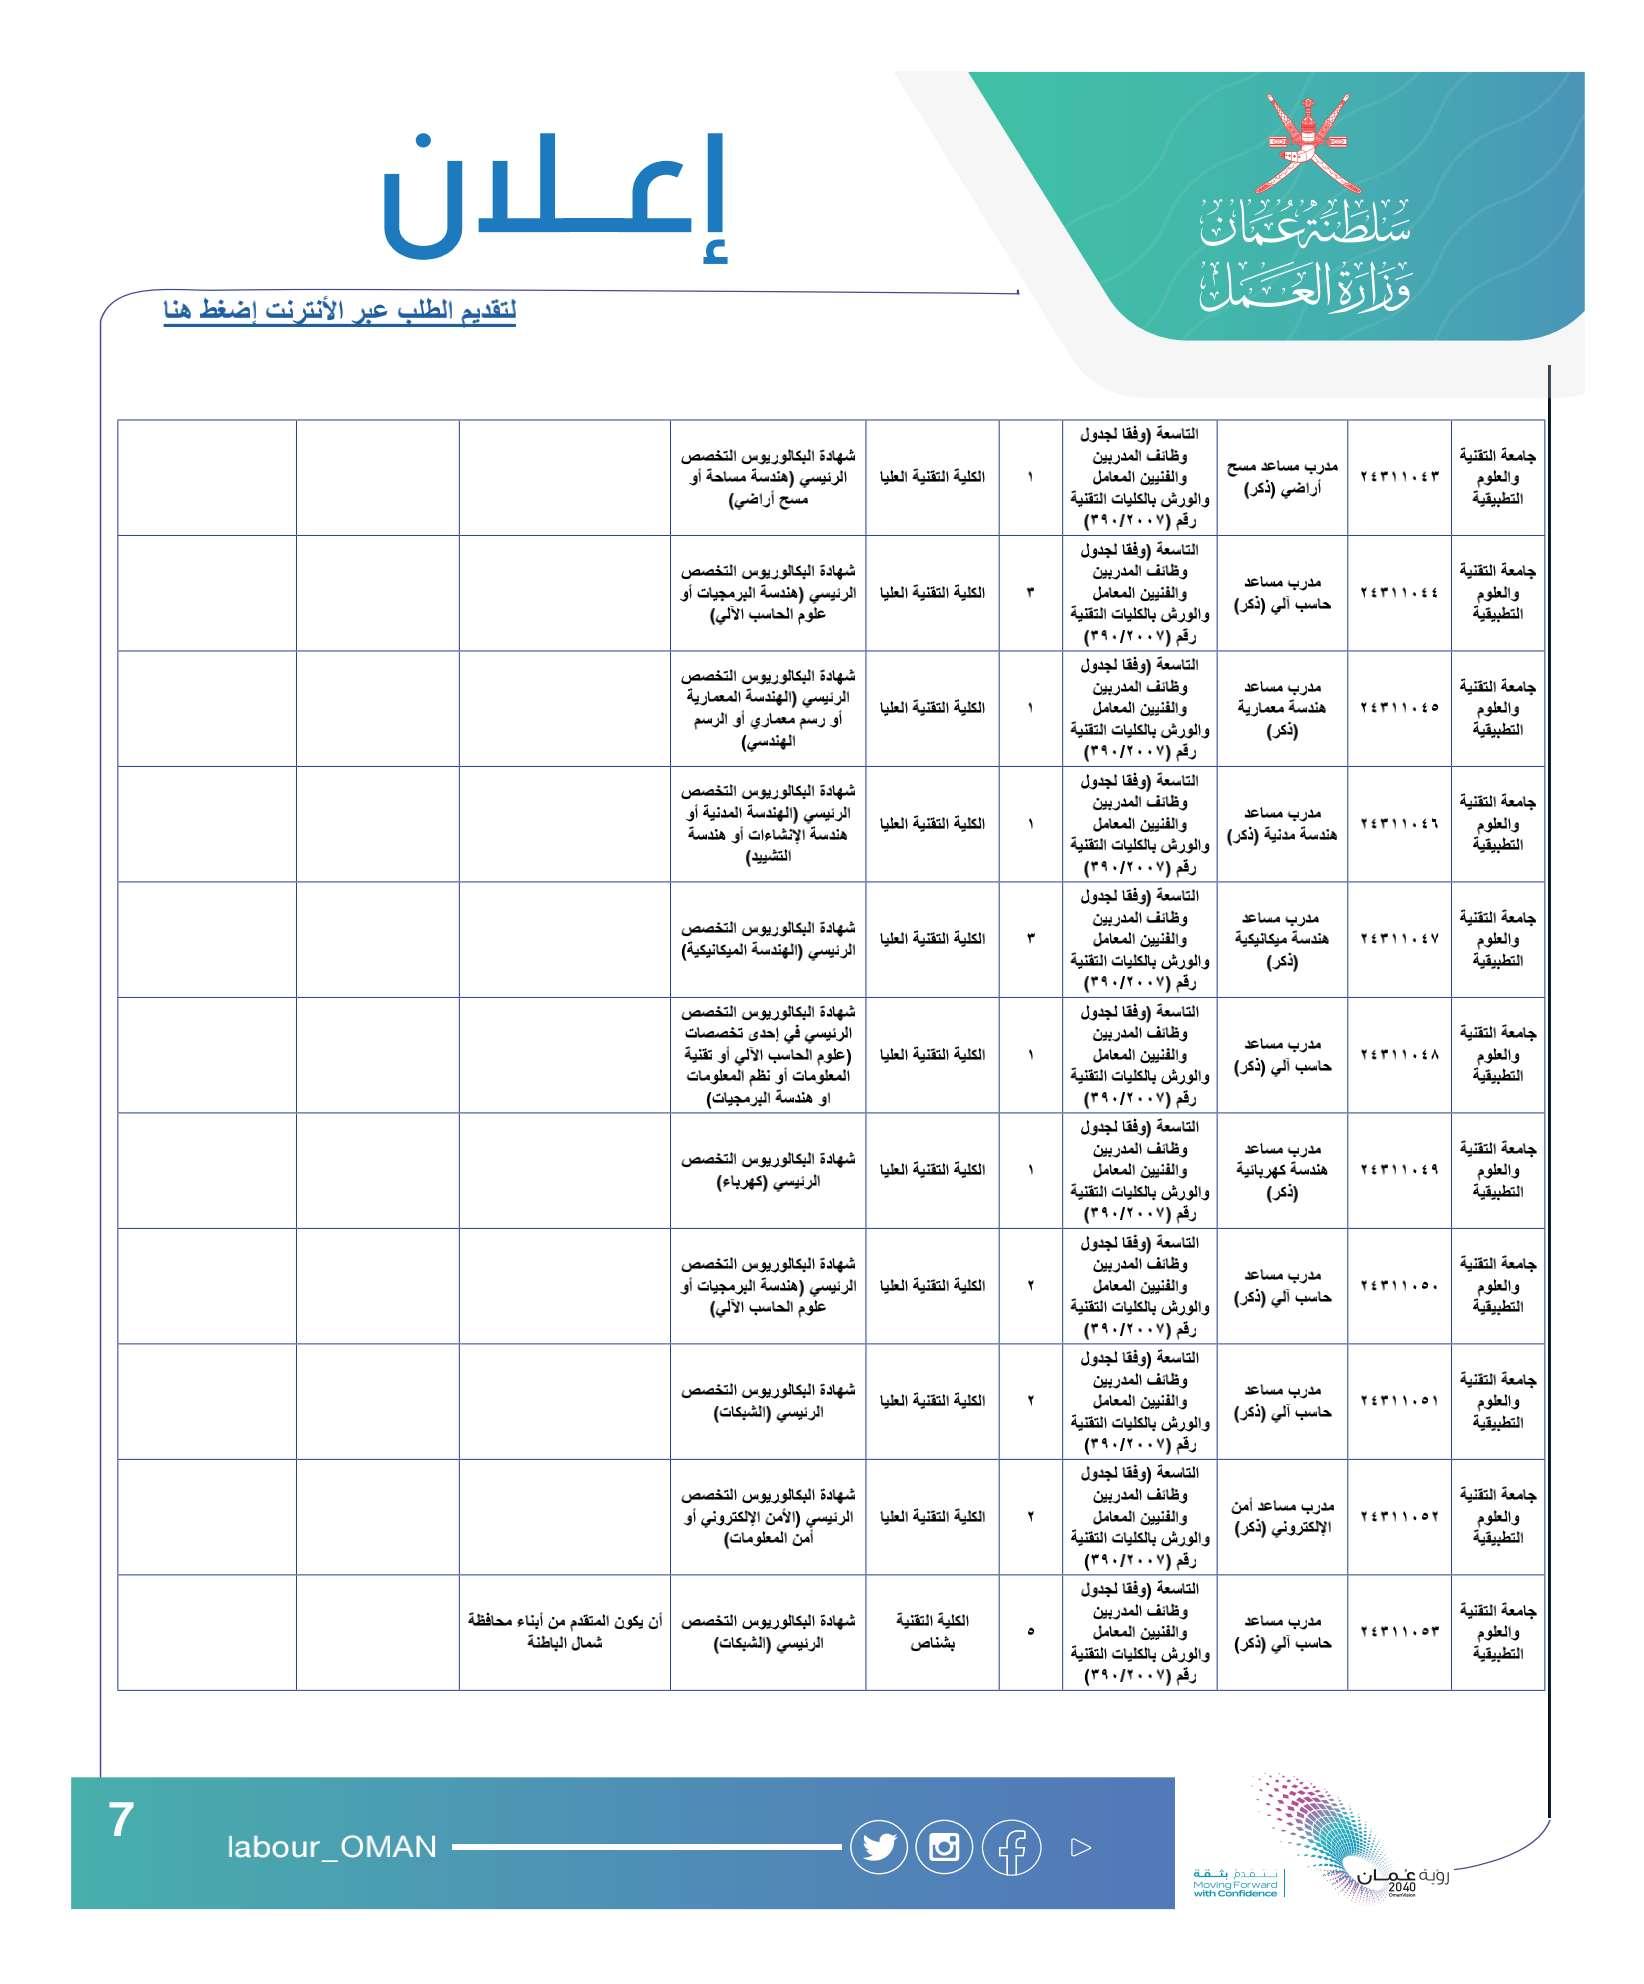 وزارة العمل سلطنة عُمان وظائف حكومية 2021